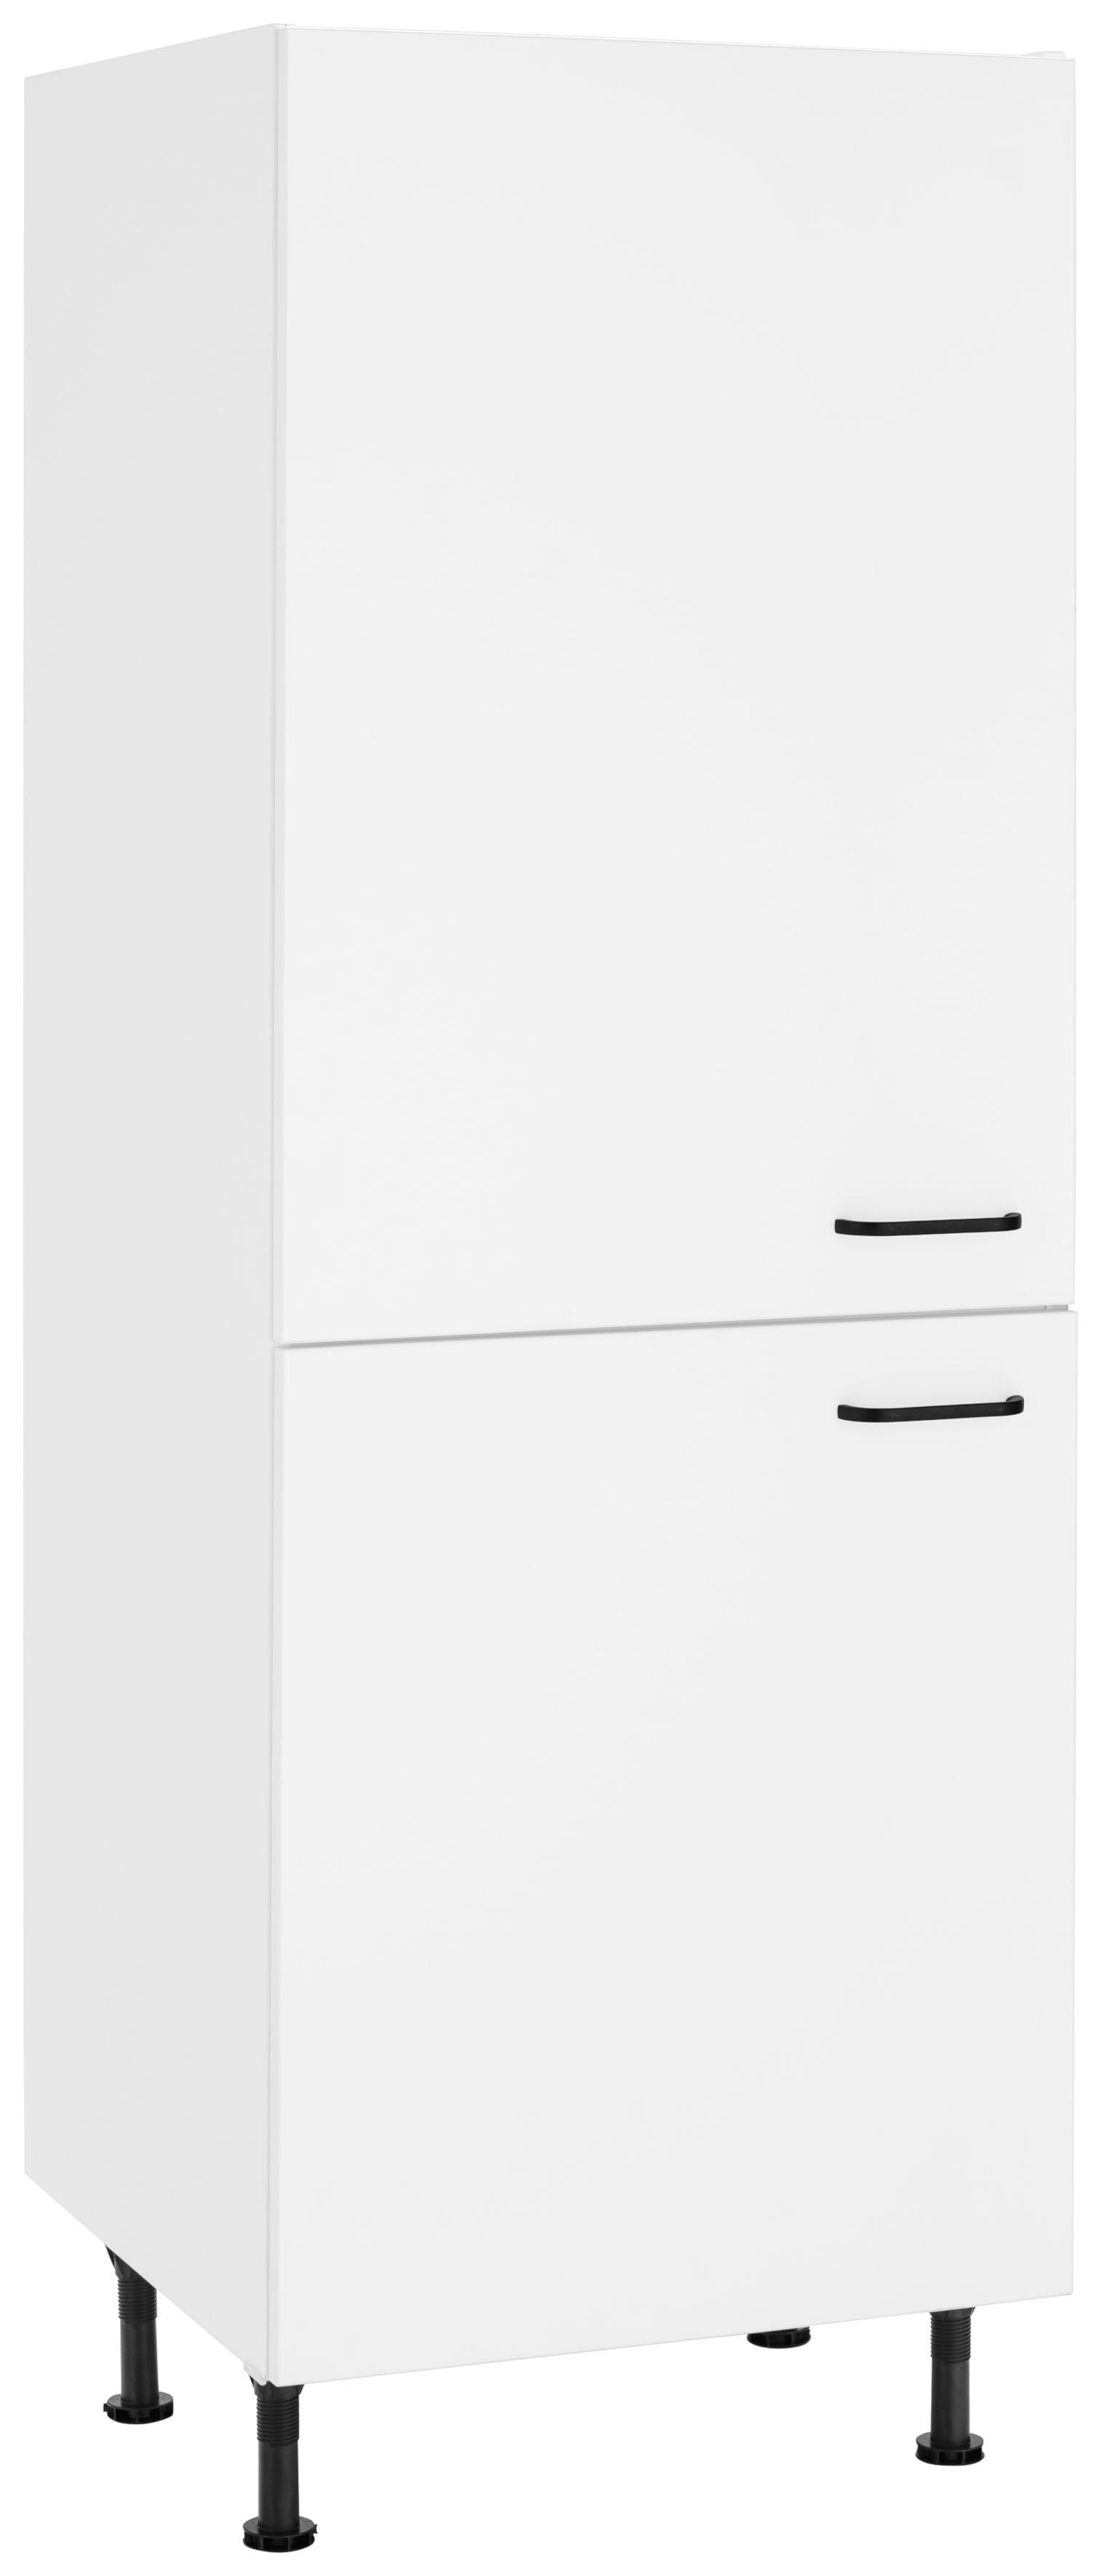 OPTIFIT Kühlumbauschrank »Elga« | Küche und Esszimmer > Küchenschränke | OPTIFIT